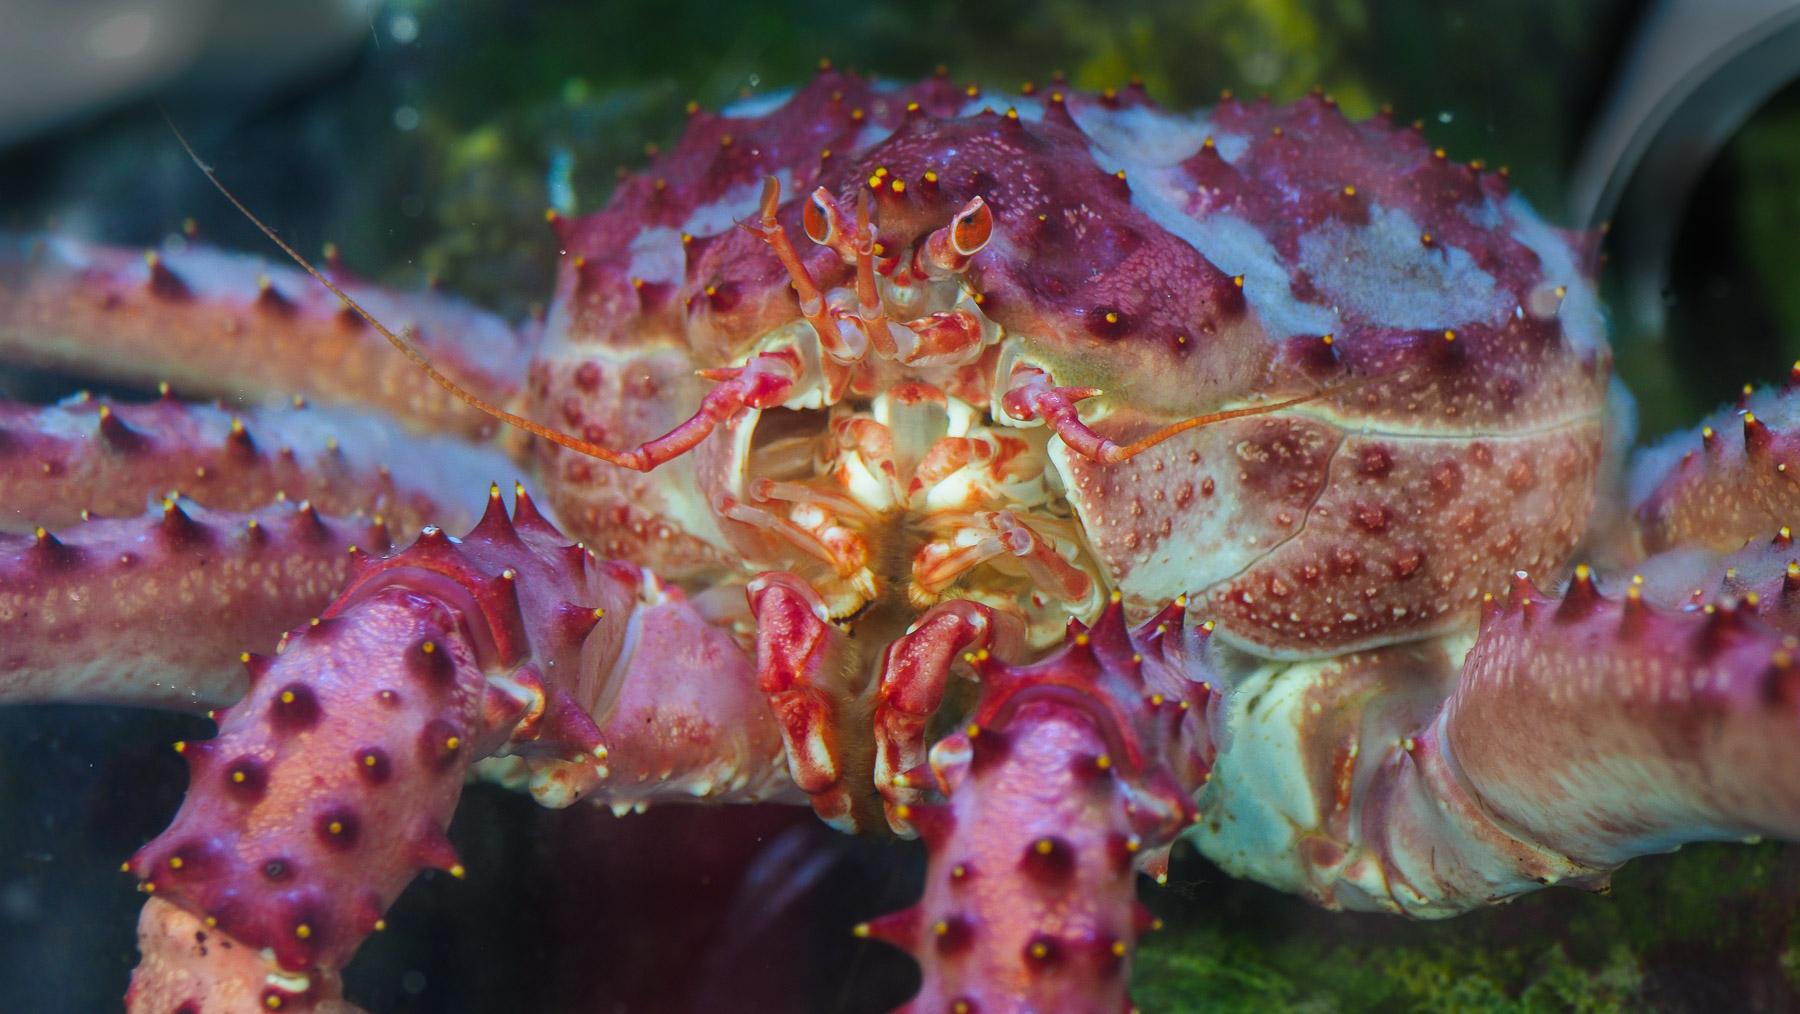 Kings Crab, schön und gruselig zugleich